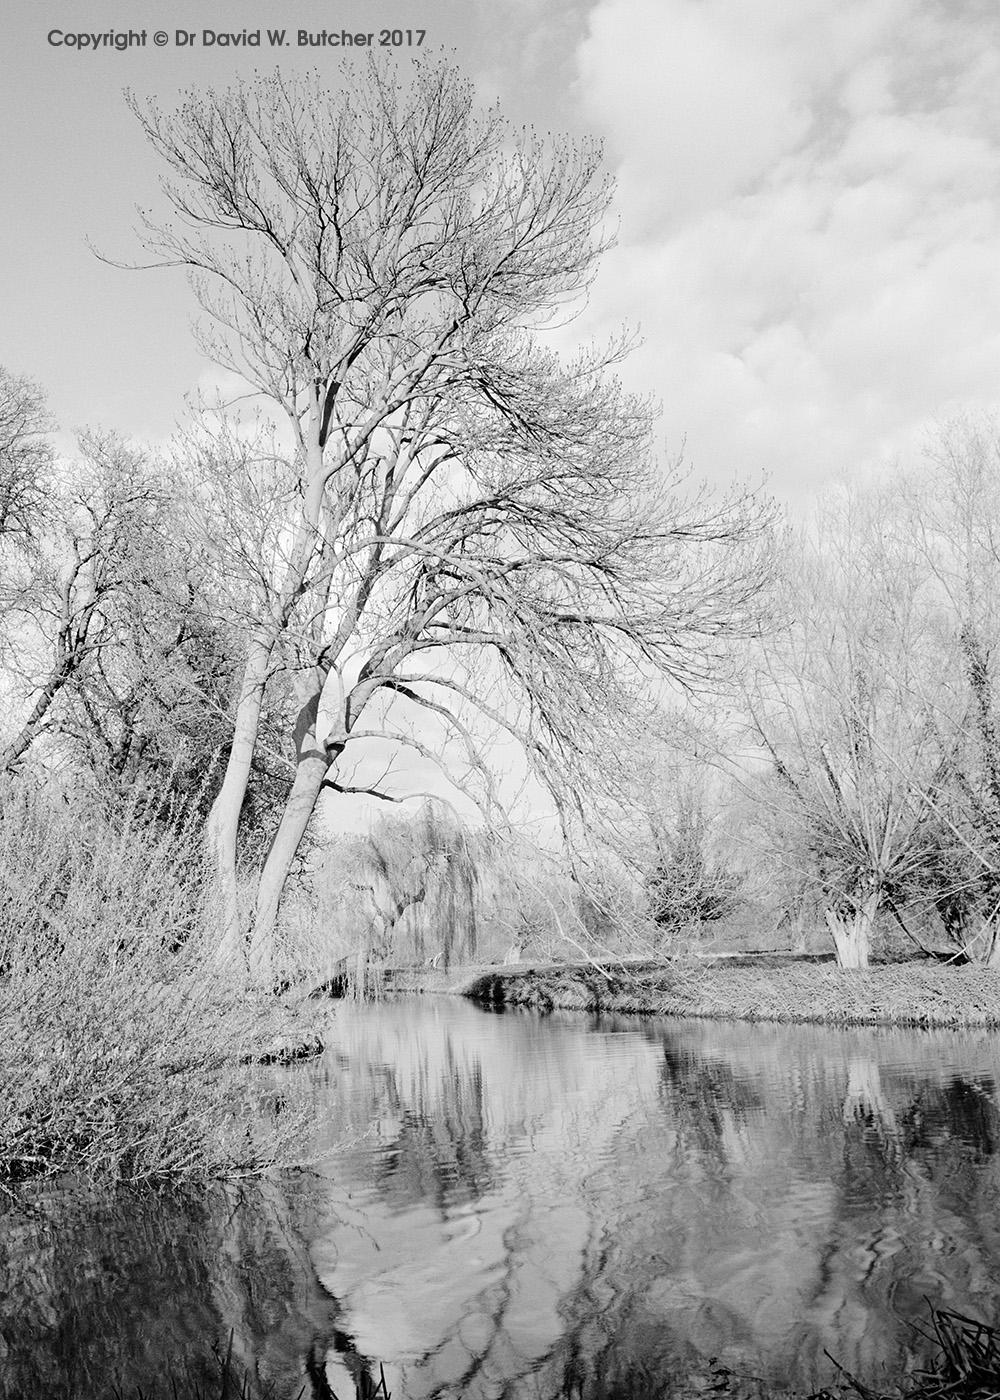 Grantchester Meadows, Cambridge, England